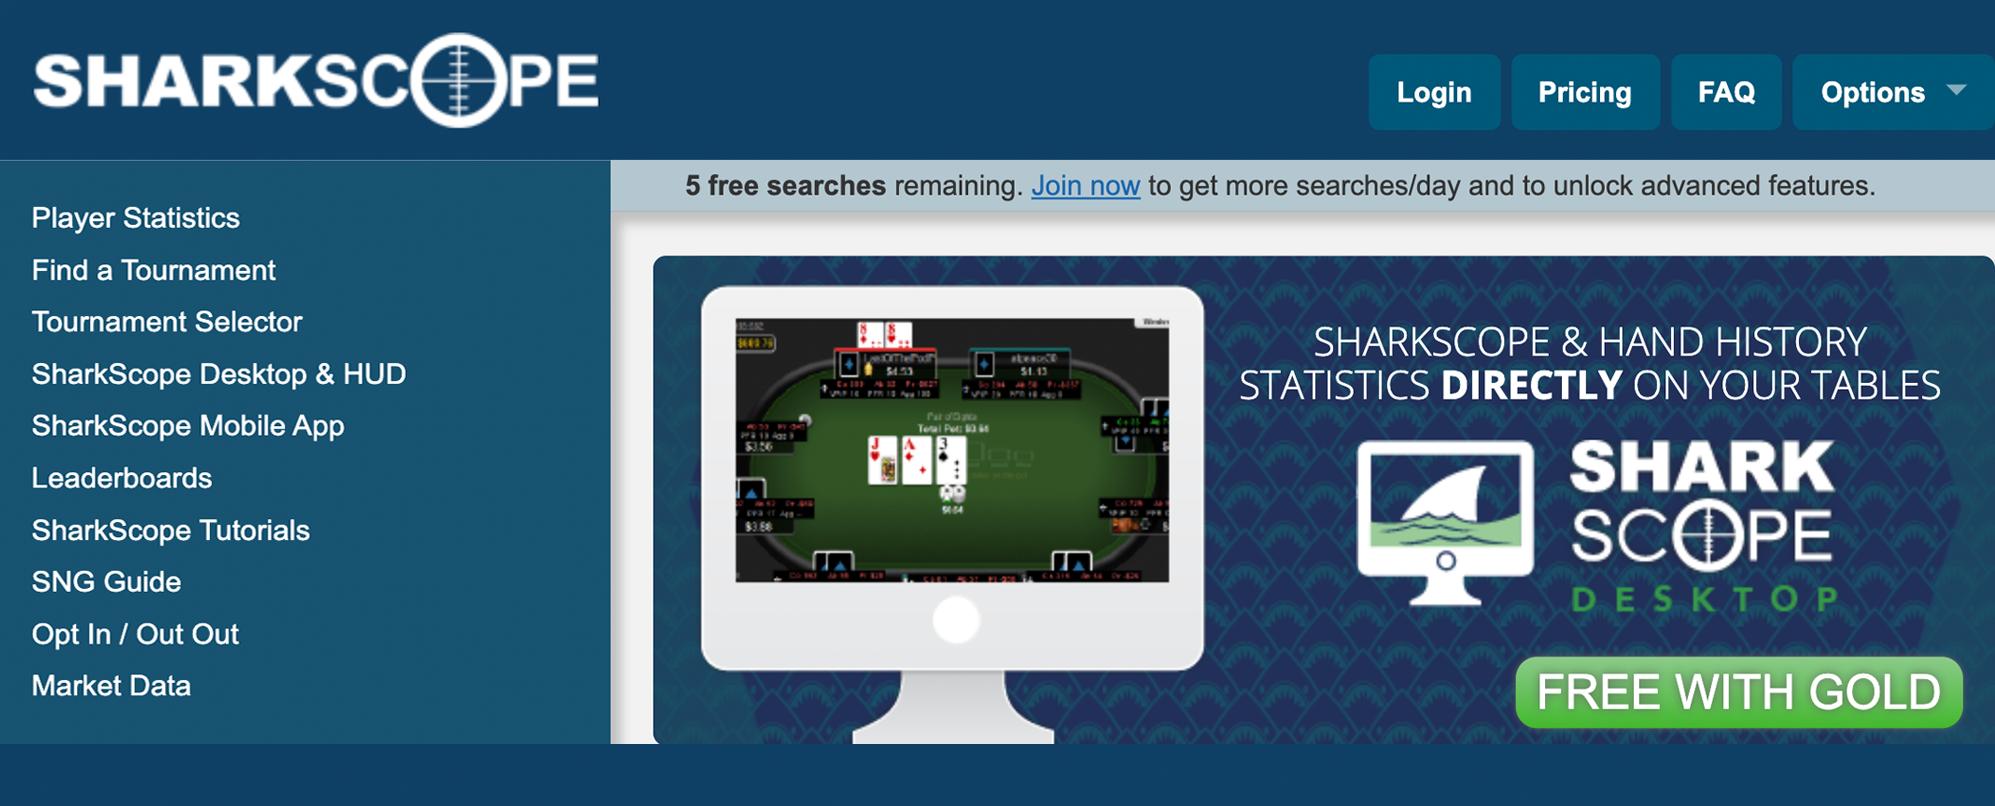 Tiešsaistes programma Sharkscope - pokera roku vēsture un statistika tieši uz jūsu galdiem